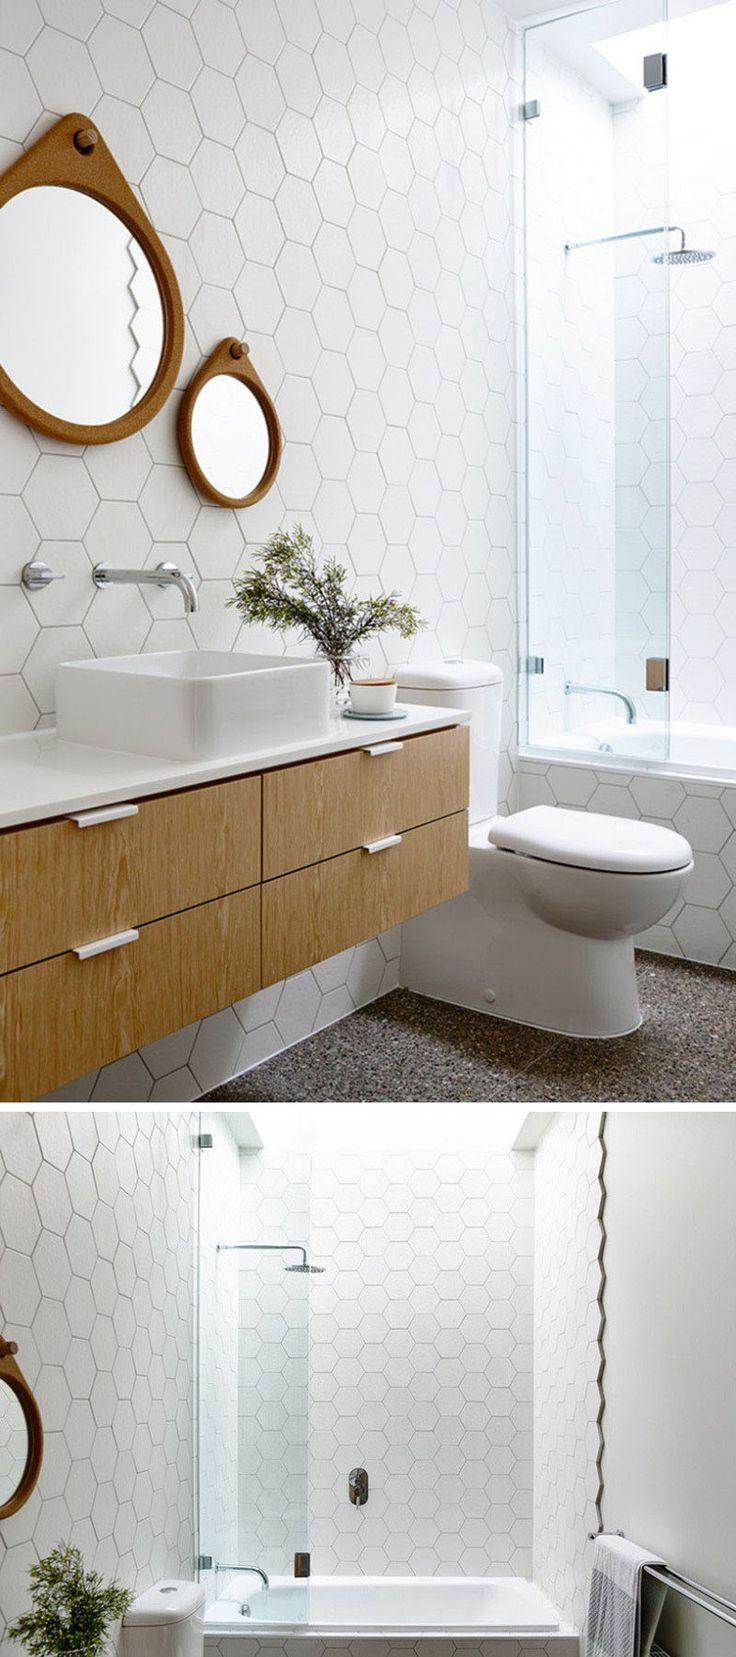 Duas paredes e meia foram cobertas com hexágonos brancos -- destaque para a transição entre tinta e azulejo.